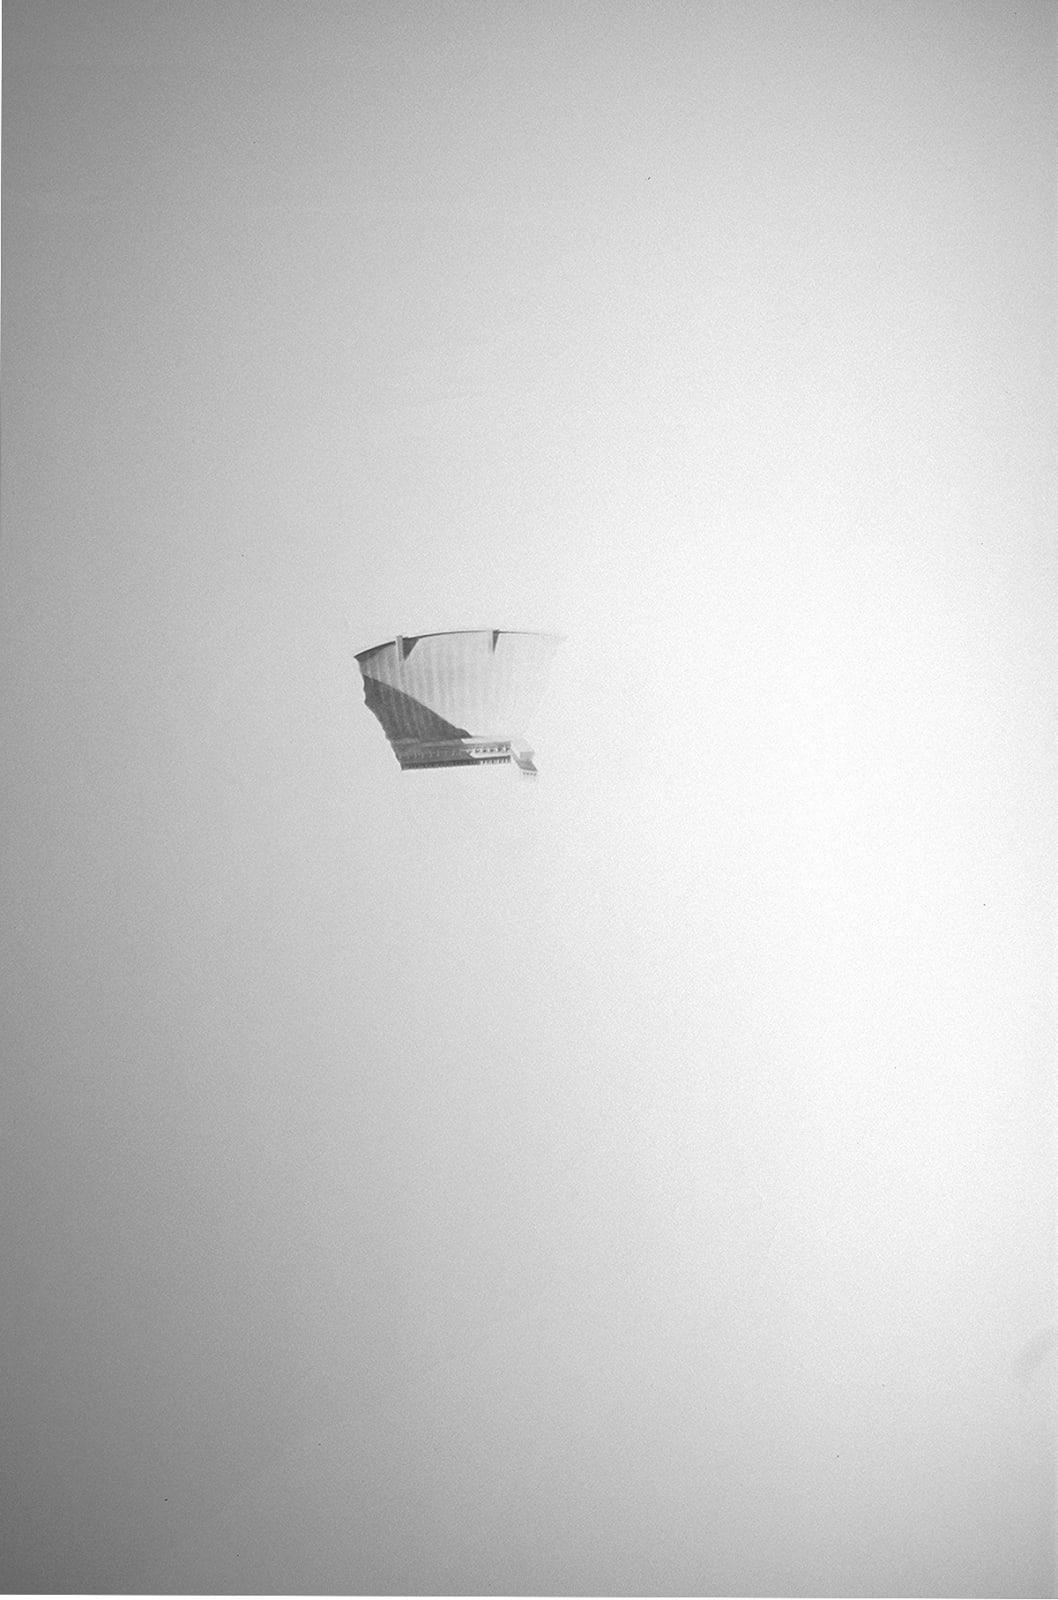 Adam Belt | Condensation